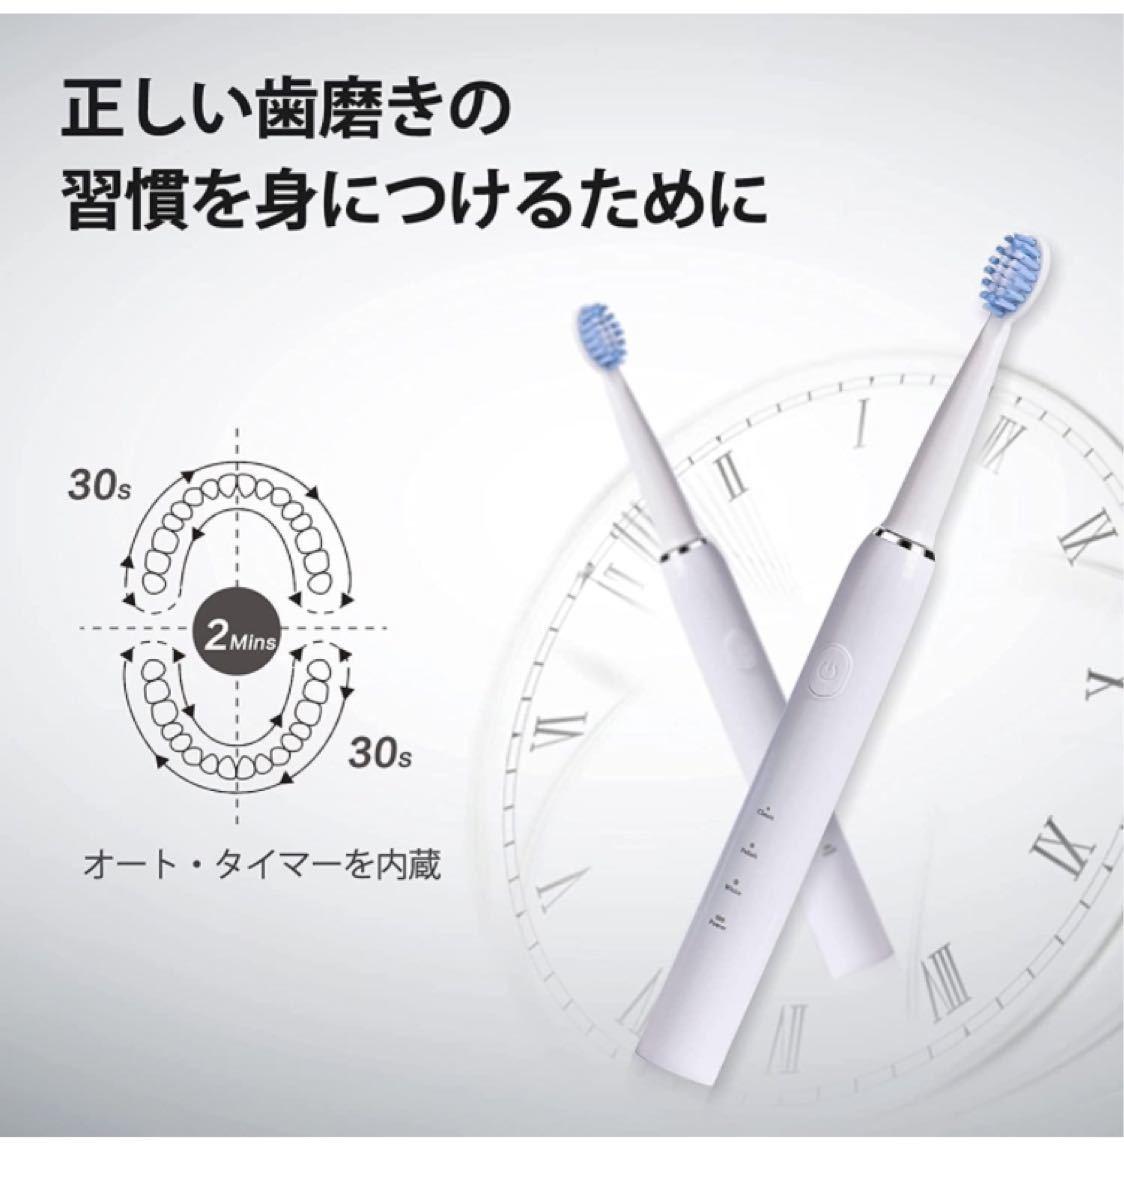 電動歯ブラシ 歯ブラシ ハブラシ JTF 音波歯ブラシ 充電式 /ホワイト